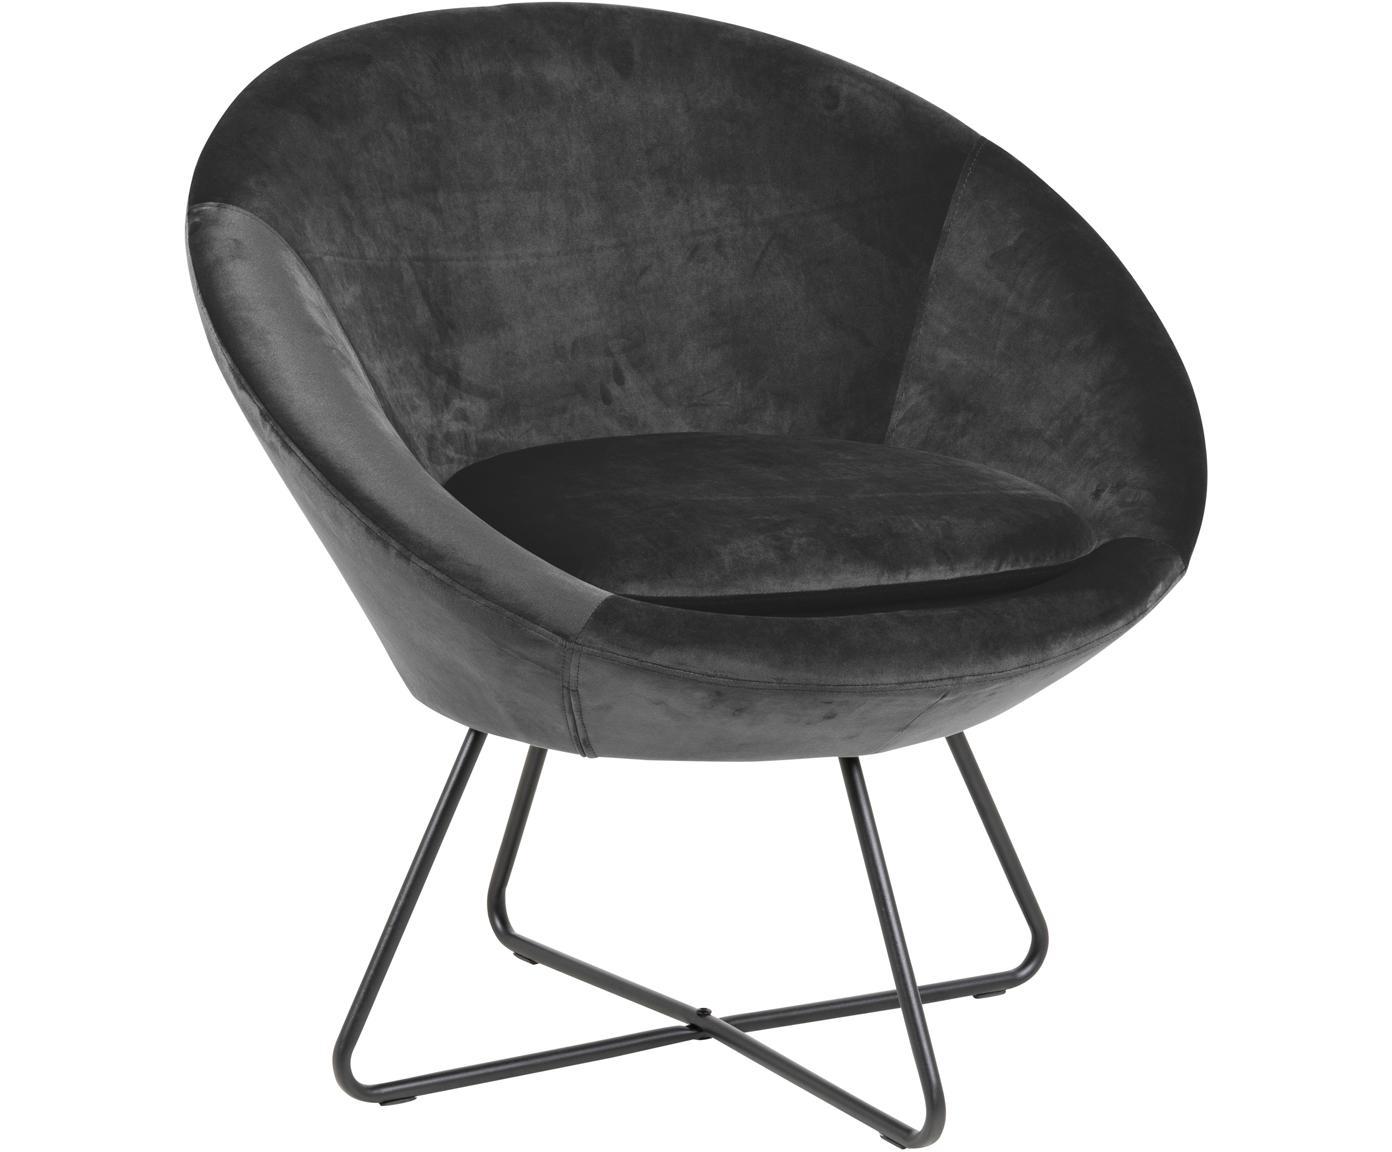 Fotel koktajlowy z aksamitu Center, Tapicerka: aksamit poliestrowy 2500, Stelaż: metal malowany proszkowo, Ciemnyszary, czarny, S 82 x G 71 cm